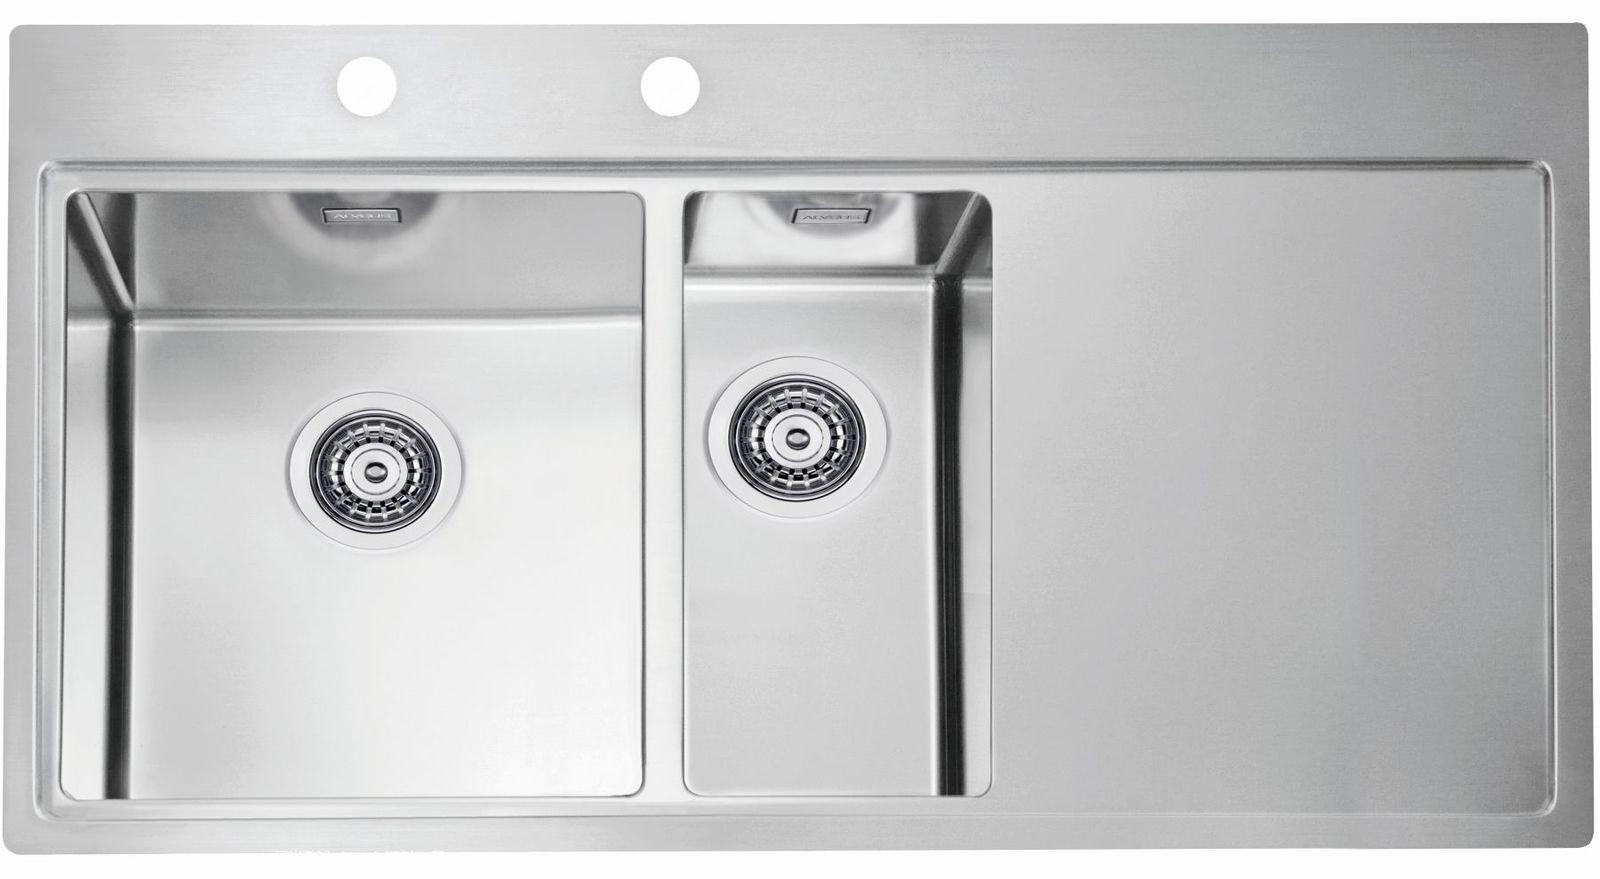 Alveus Küchenspüle Einbauspüle 980x525 mm Abwaschbecken Edelstahl ...